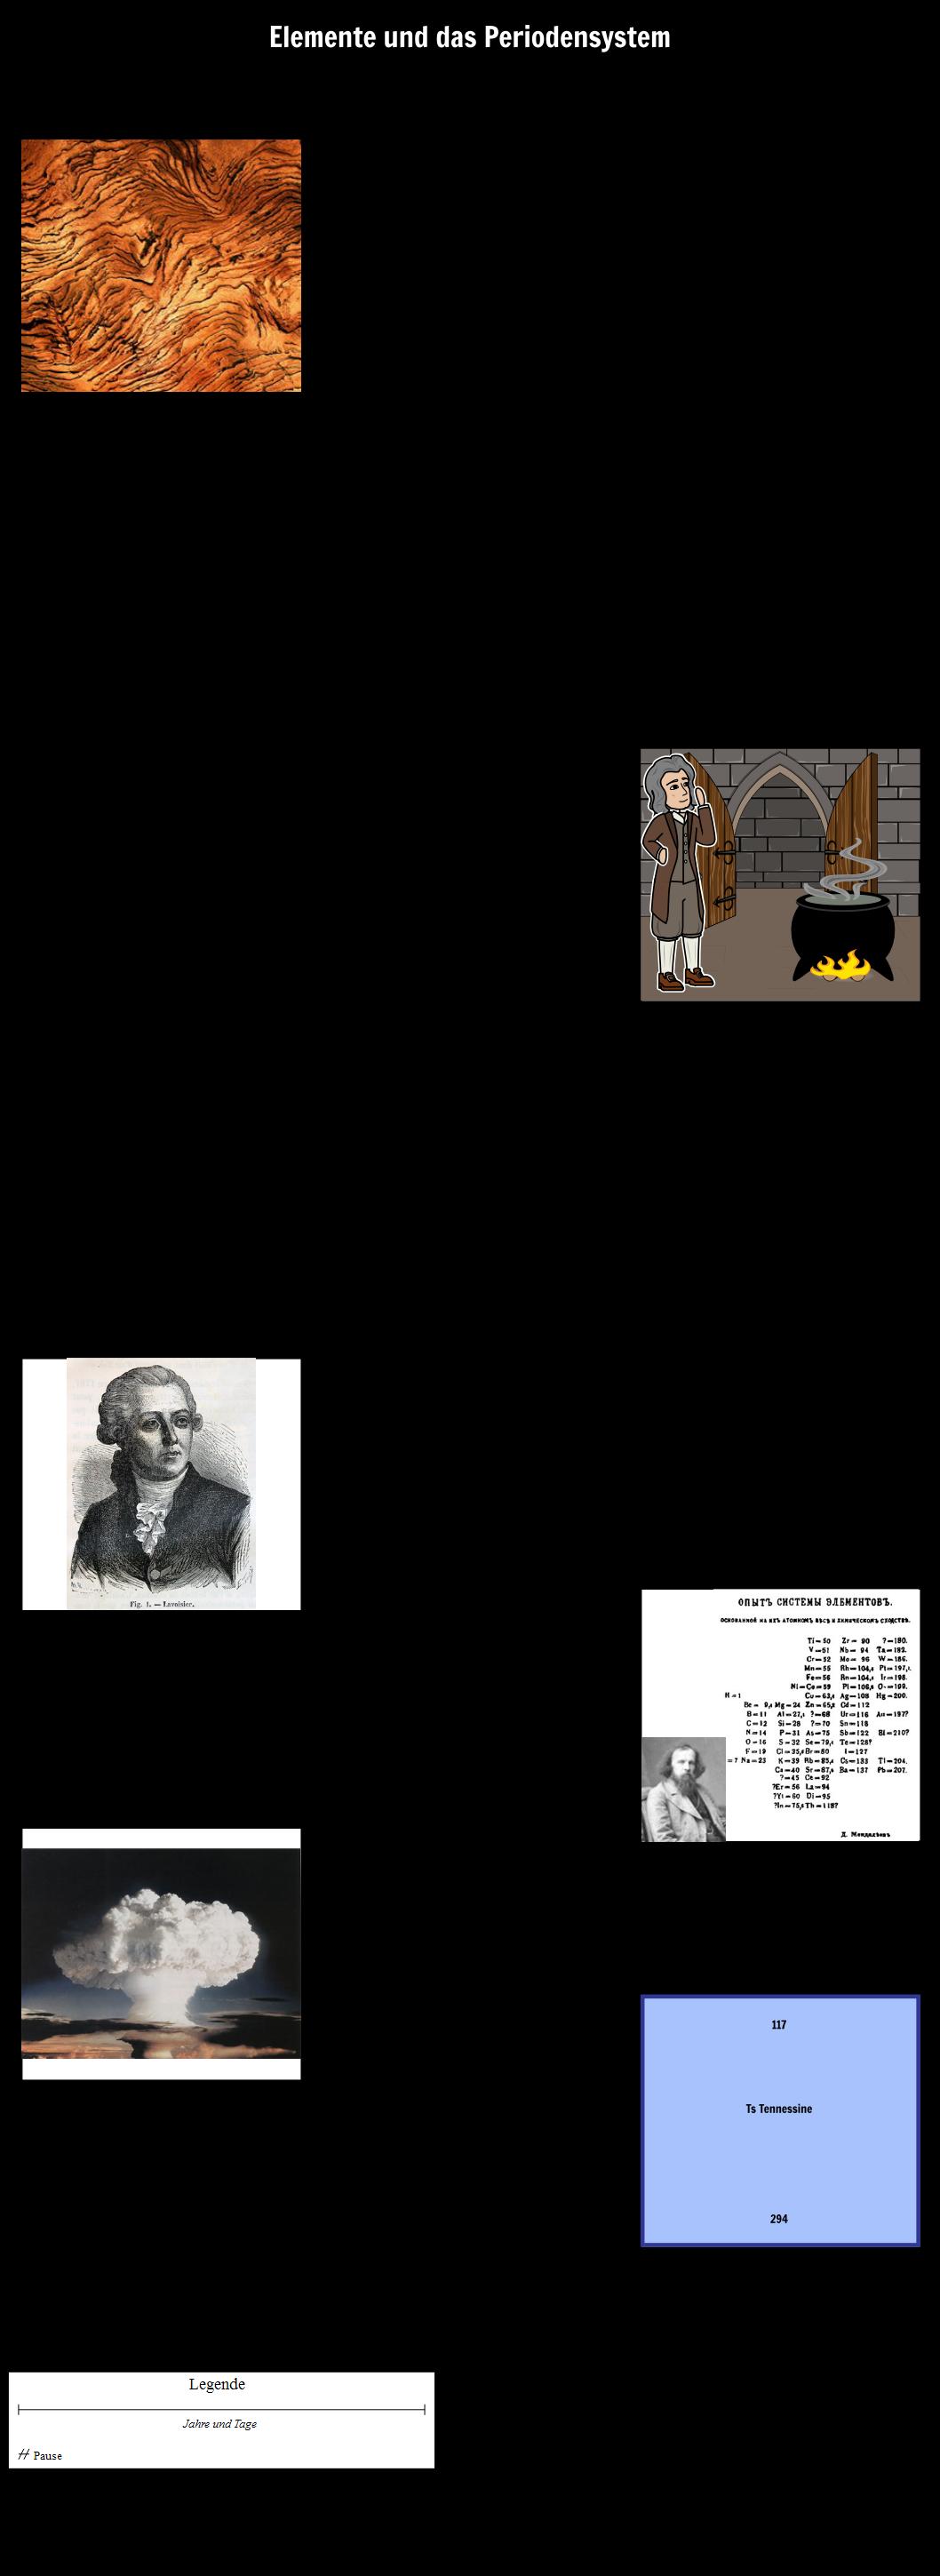 Atomdiagramm | Periodensystem der Elemente Diagramm | Ordnungszahl